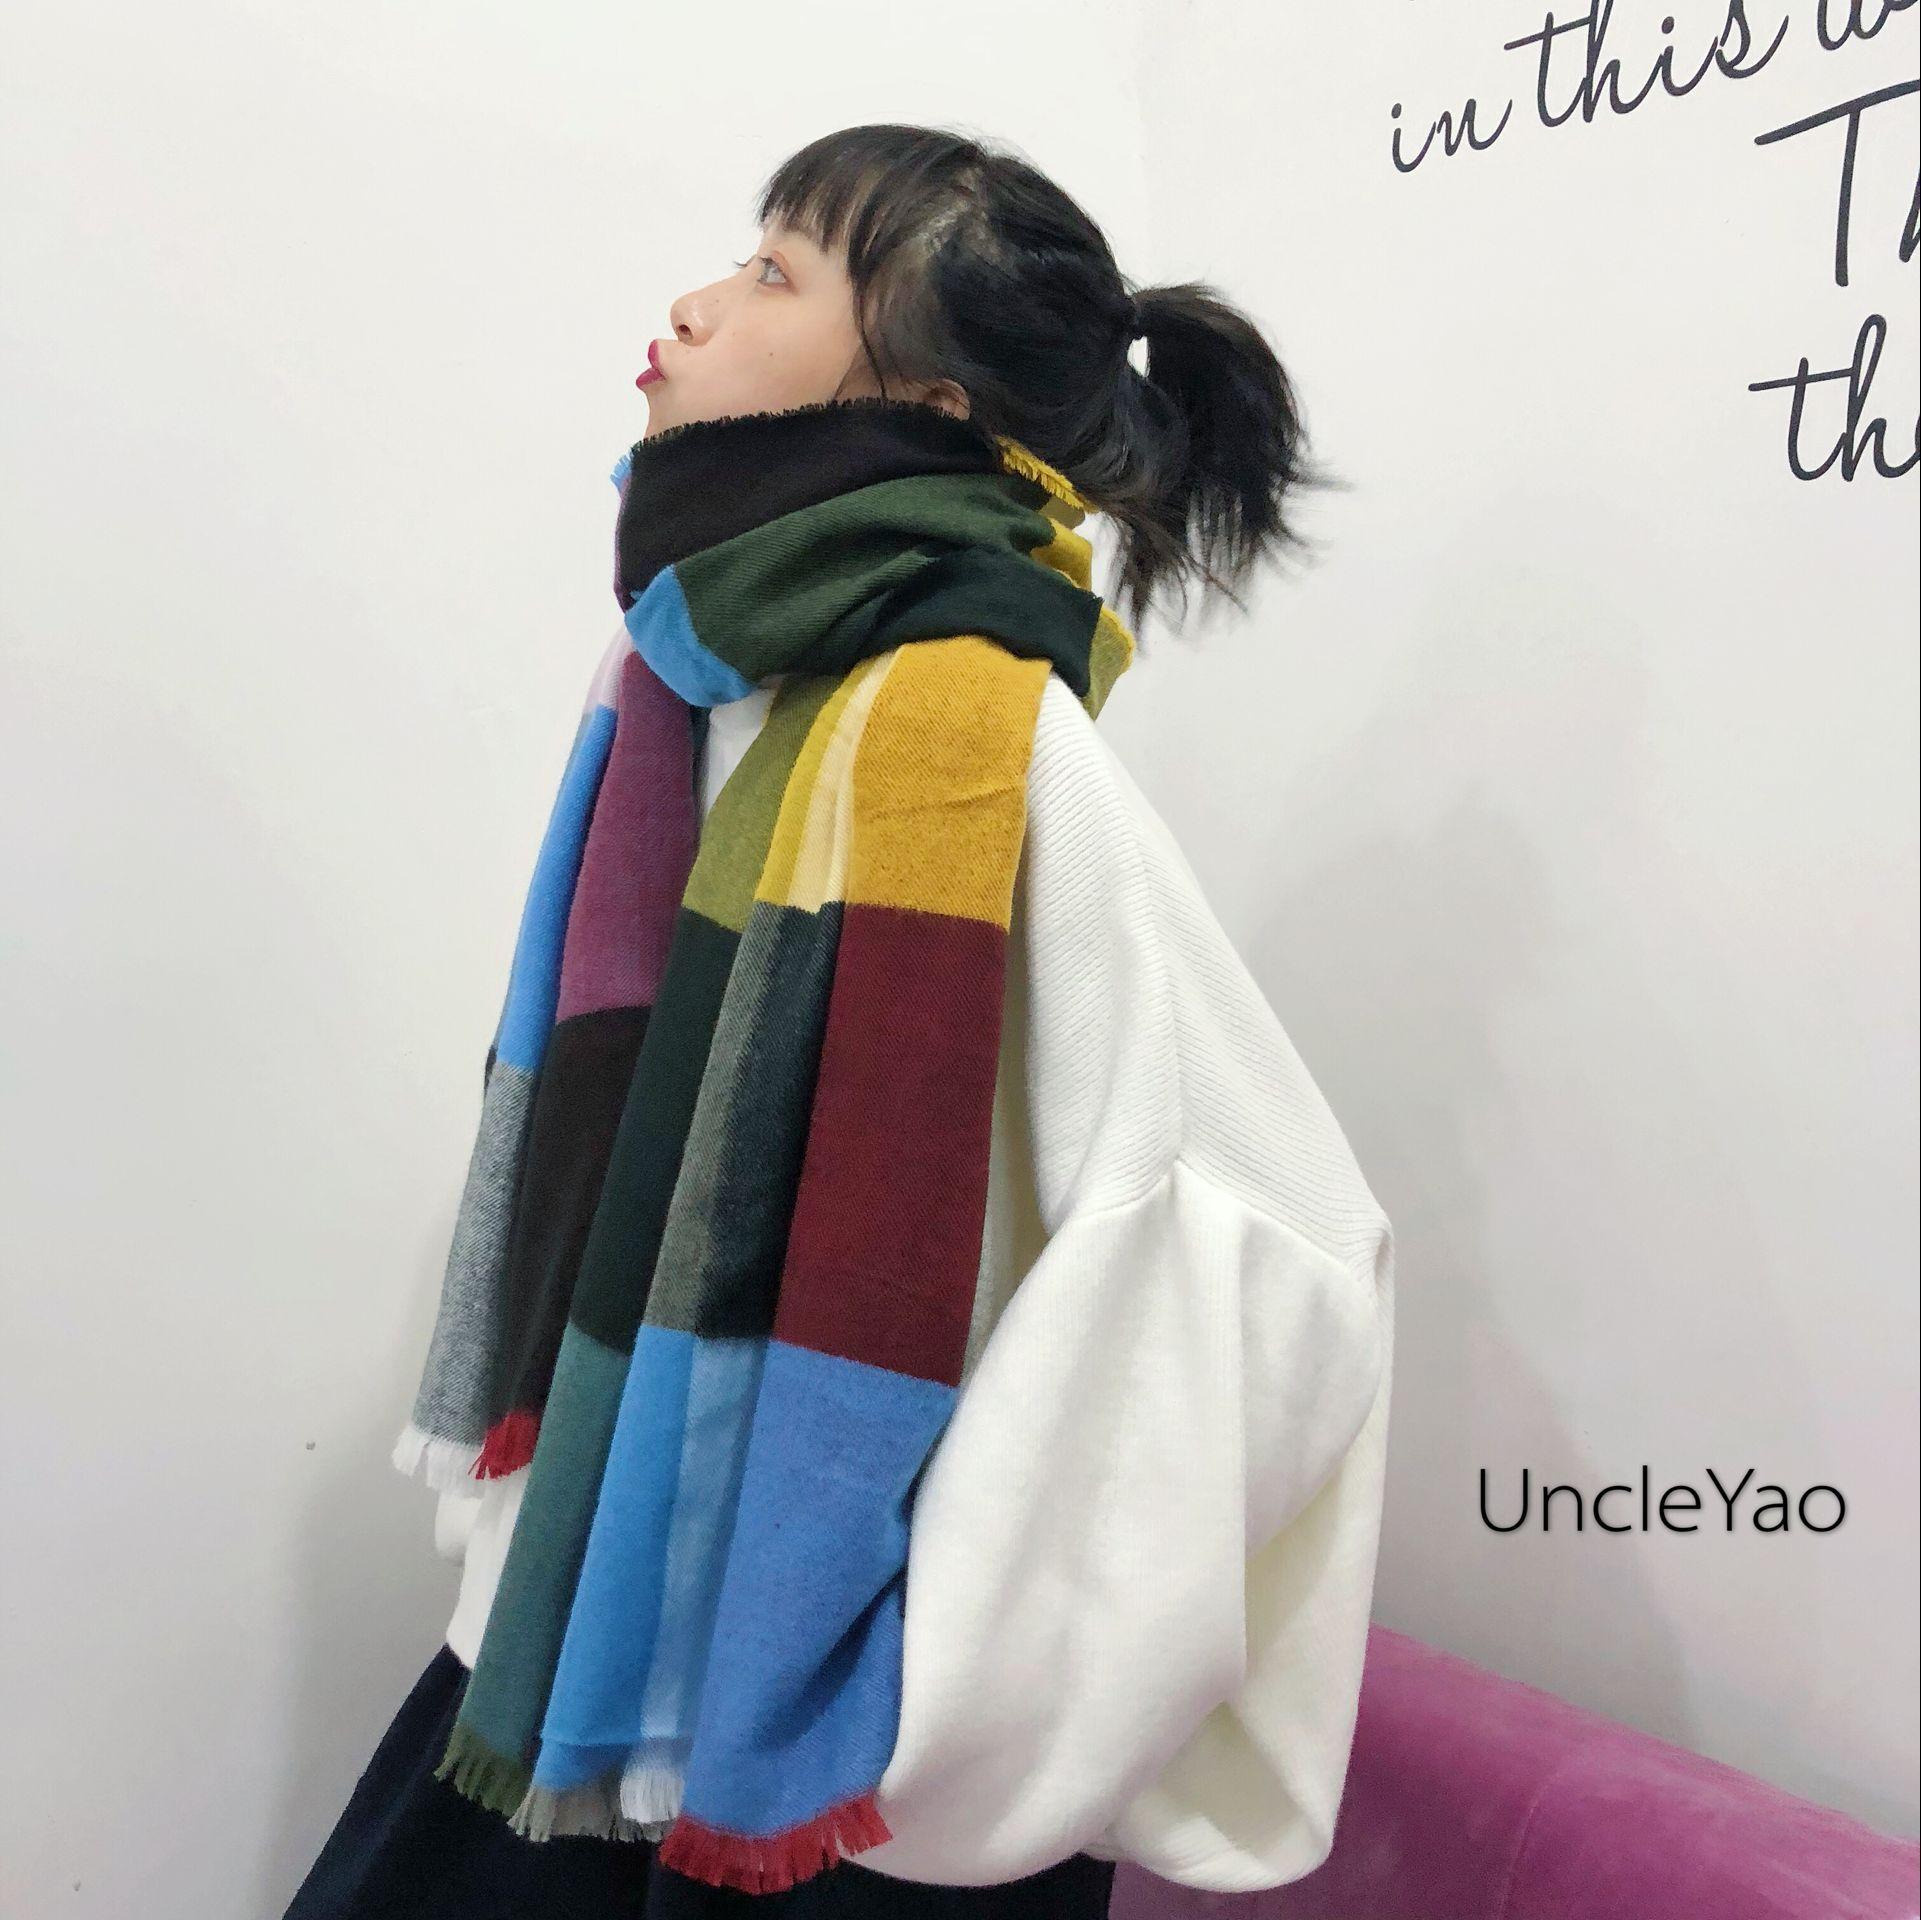 UncleYao限定!好看到哭泣的仿羊绒彩格大披肩保暖长款围巾女秋冬